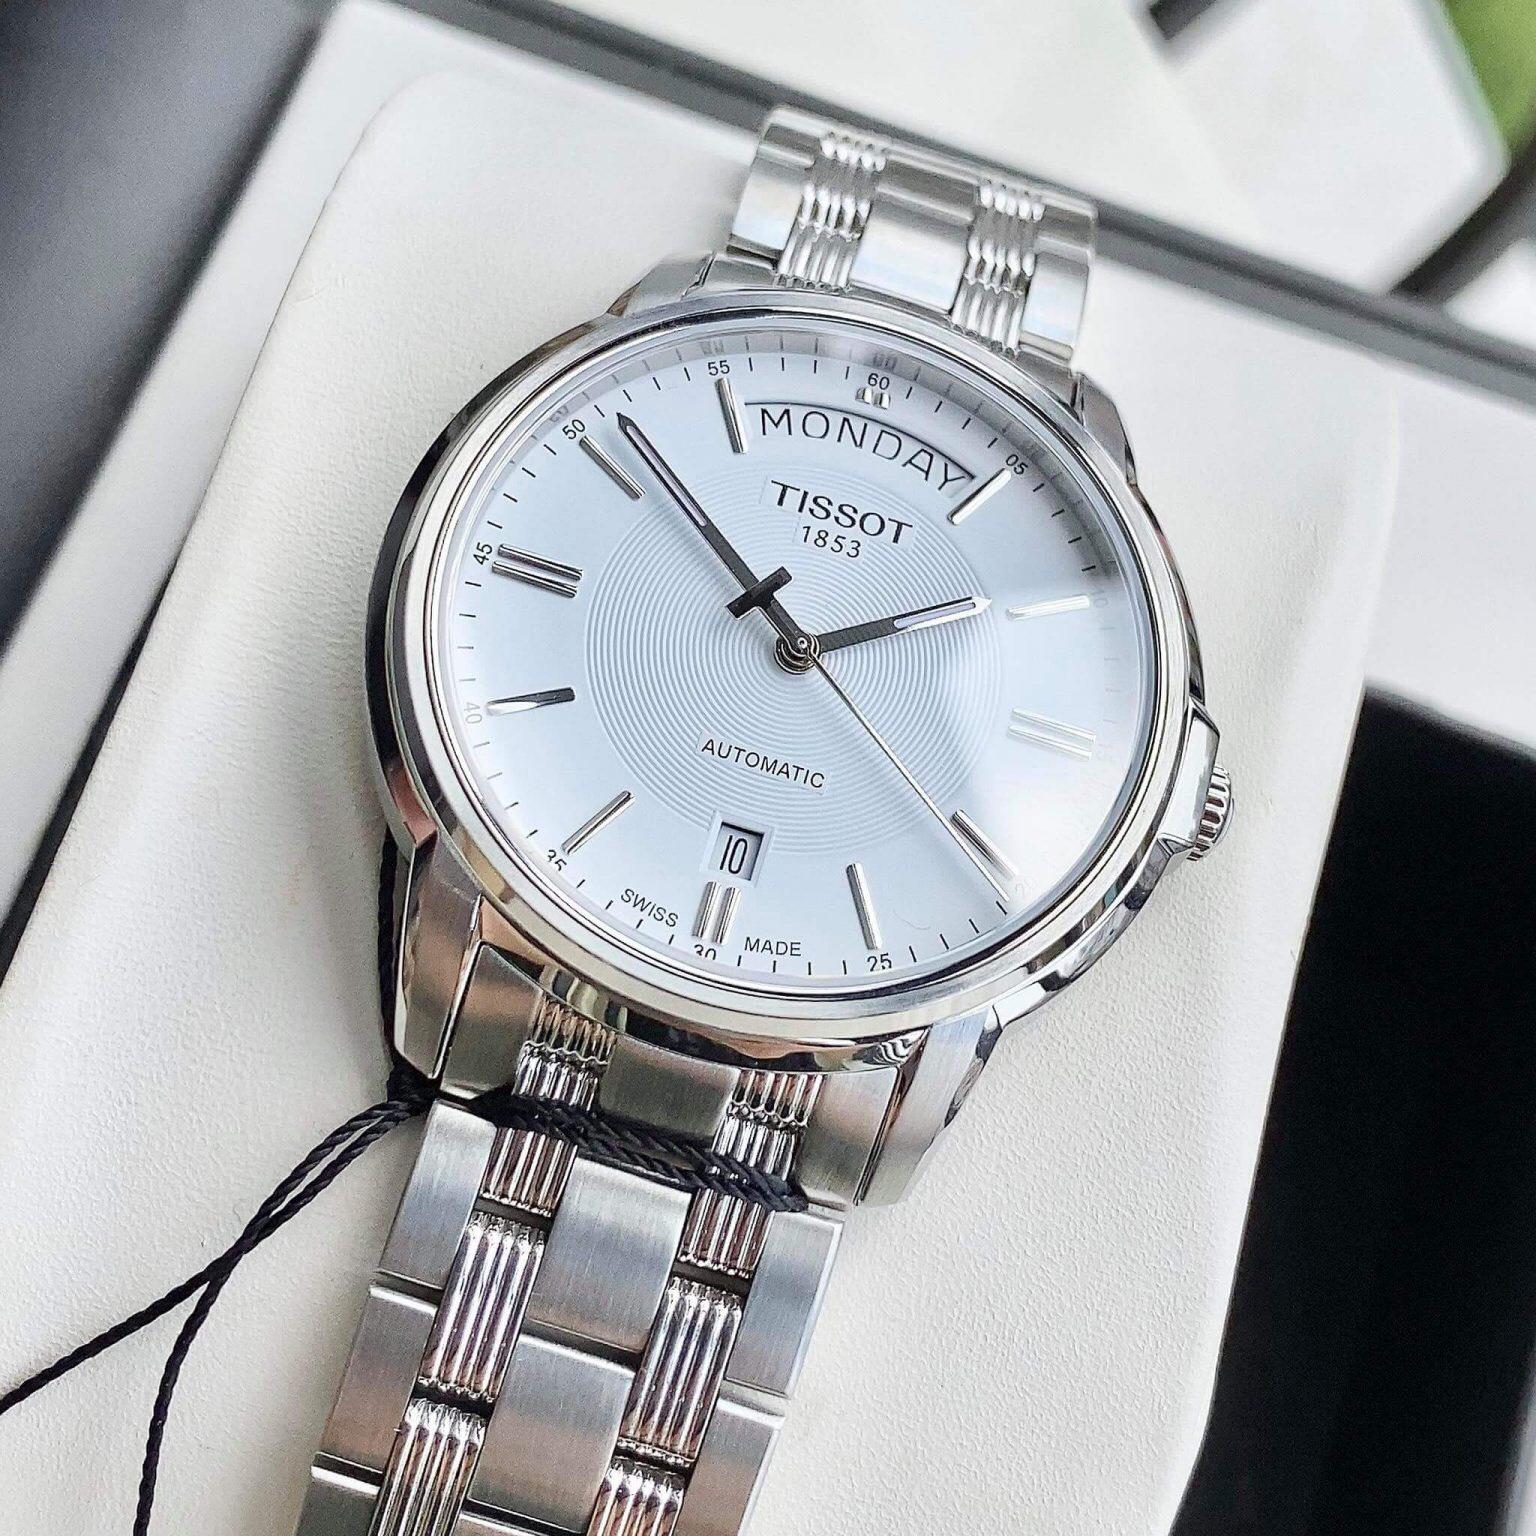 Đồng hồ chính hãng TlSSOT